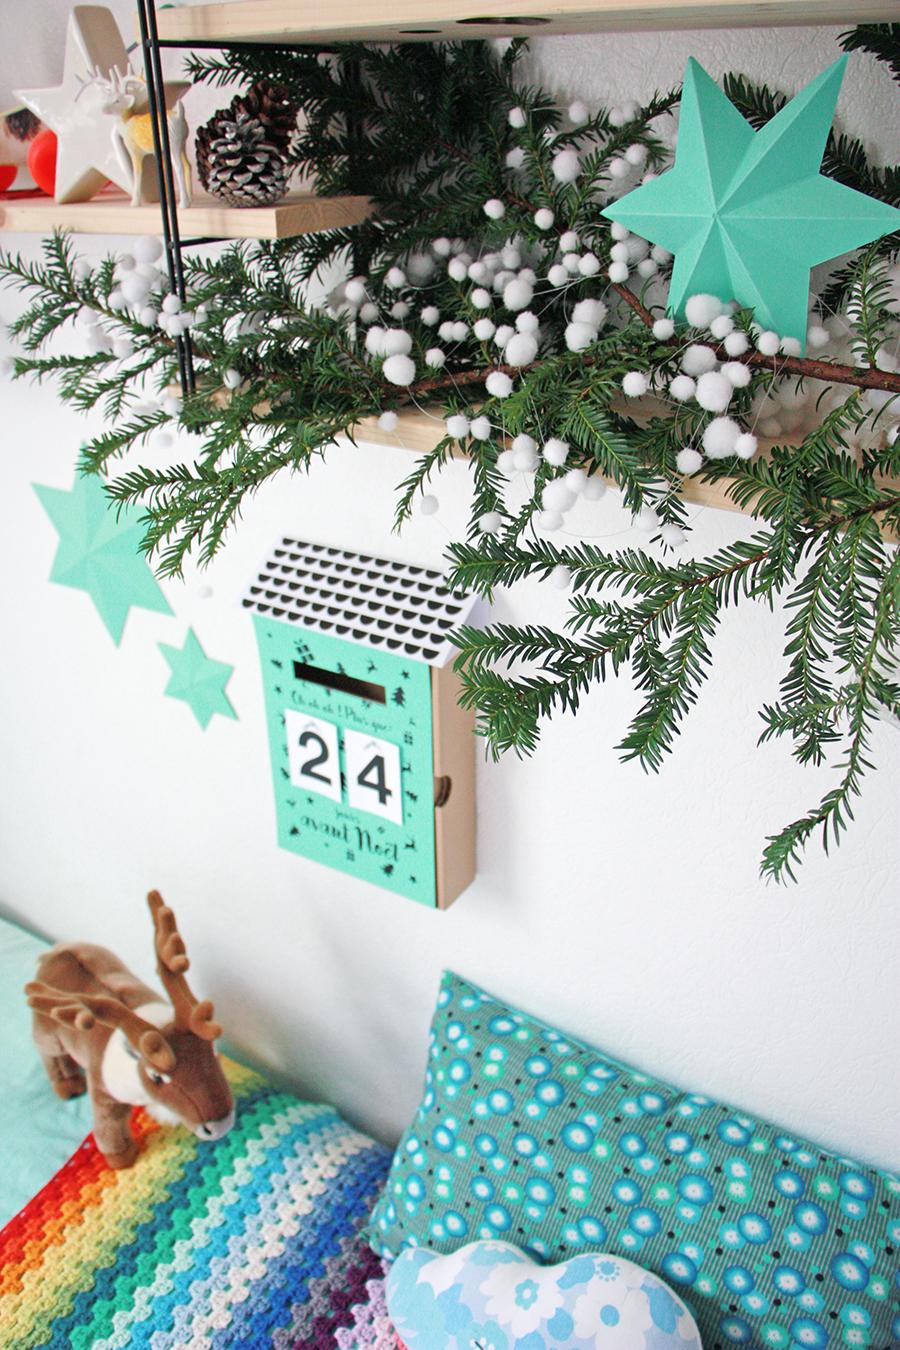 la nouvelle bo te aux lettres calendrier de l 39 avent pour mes jolis momes avent et calendrier de. Black Bedroom Furniture Sets. Home Design Ideas